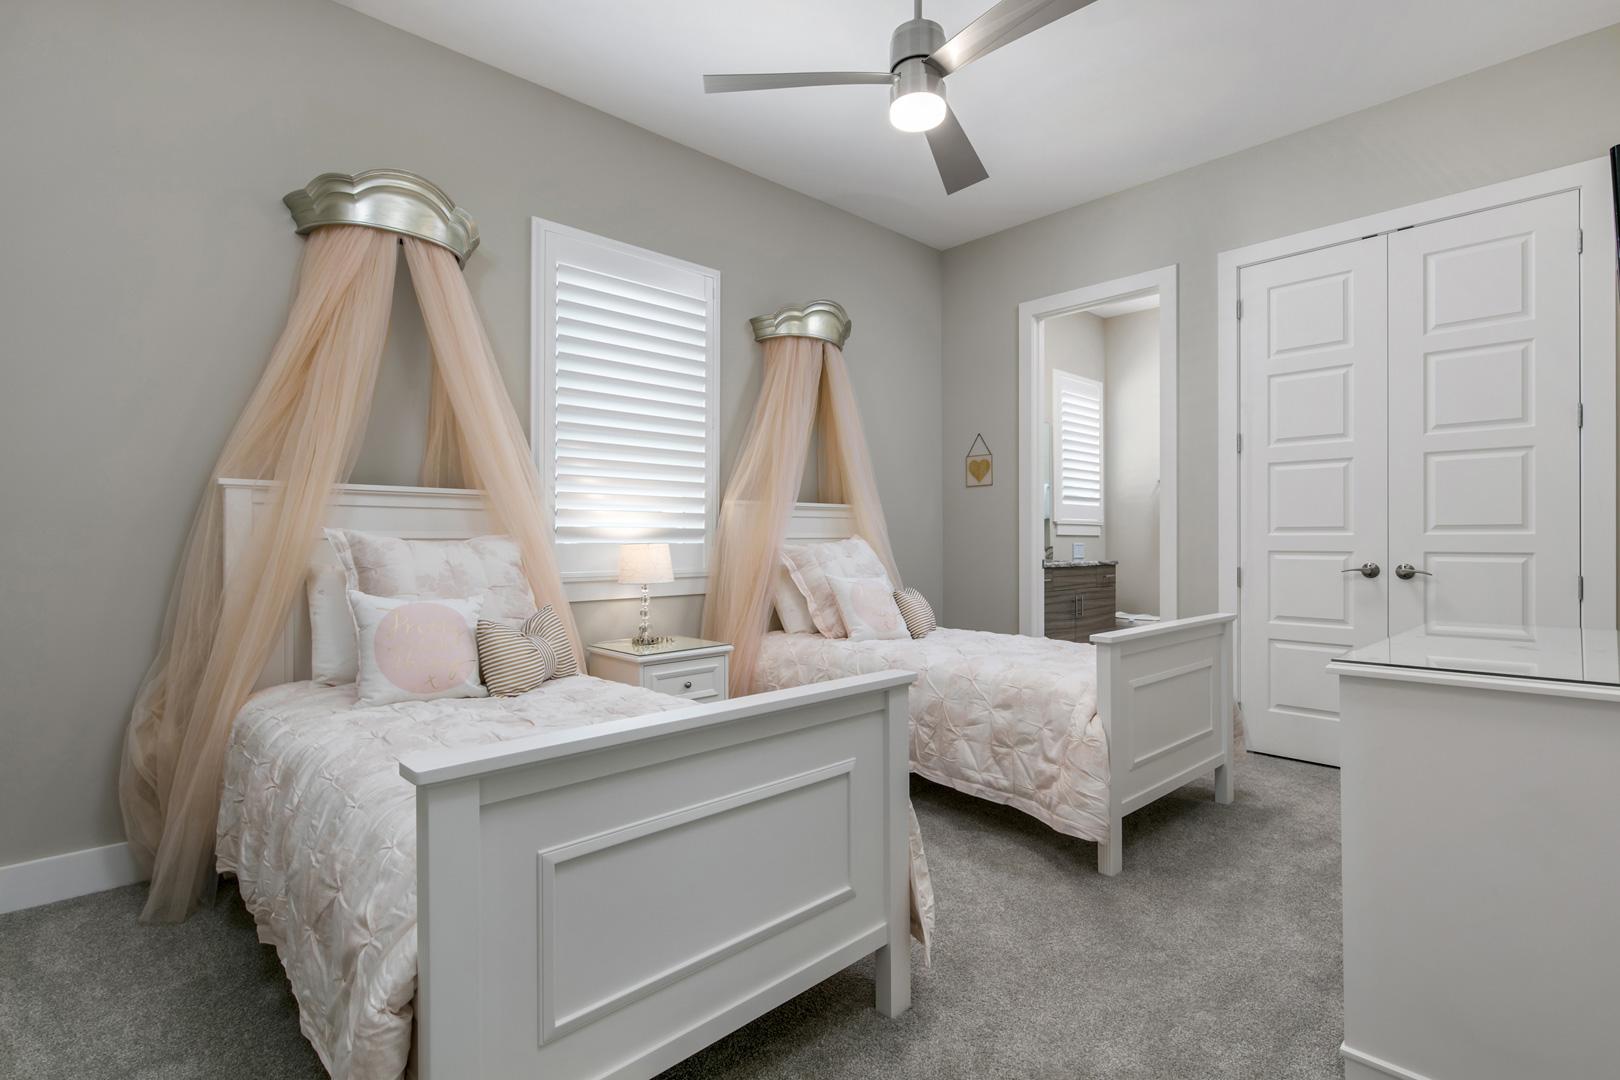 Bedrooms12